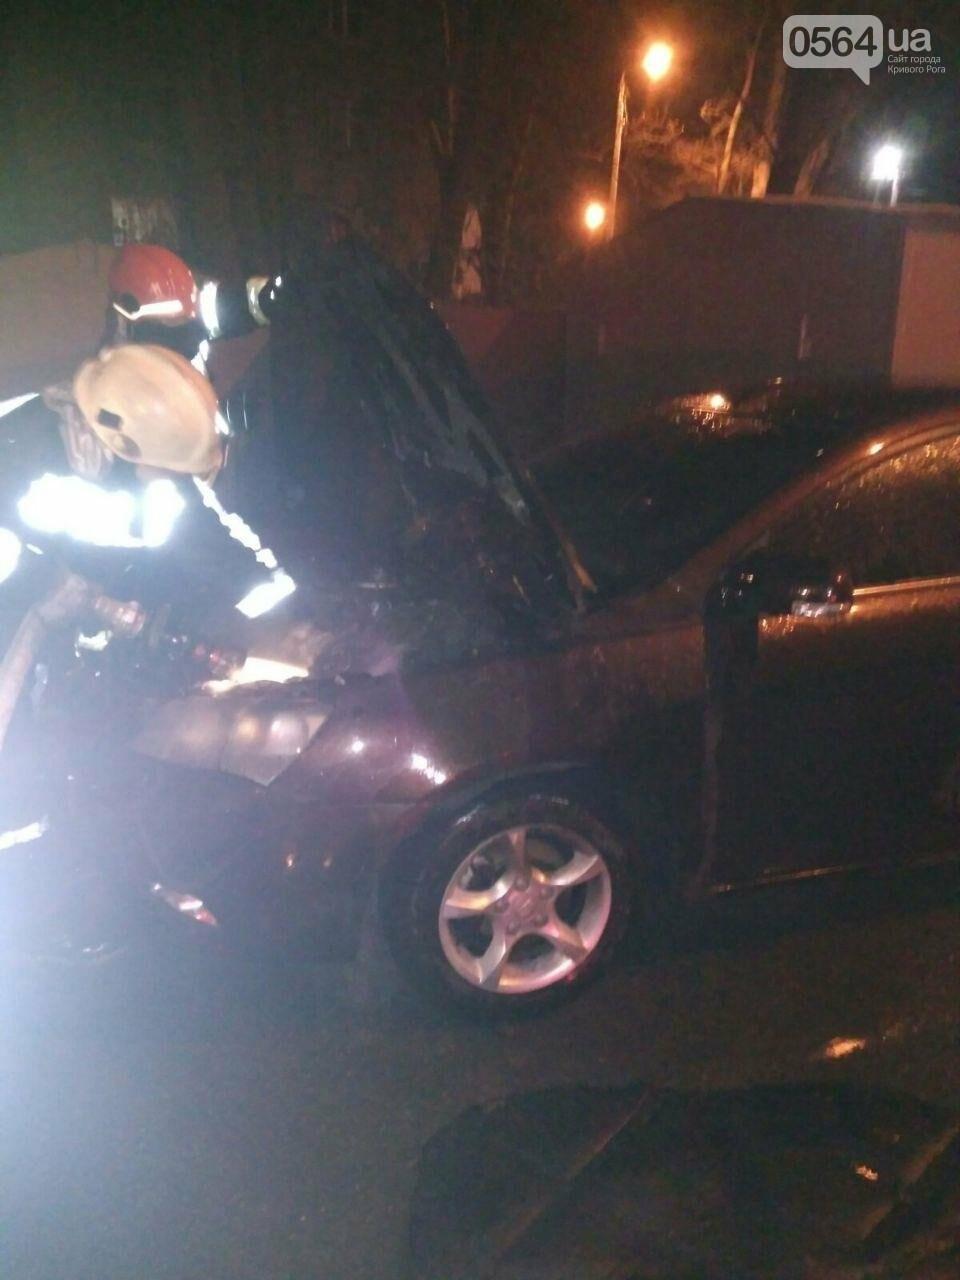 В Кривом Роге сгорел автомобиль, припаркованный возле дома, - ФОТО , фото-1